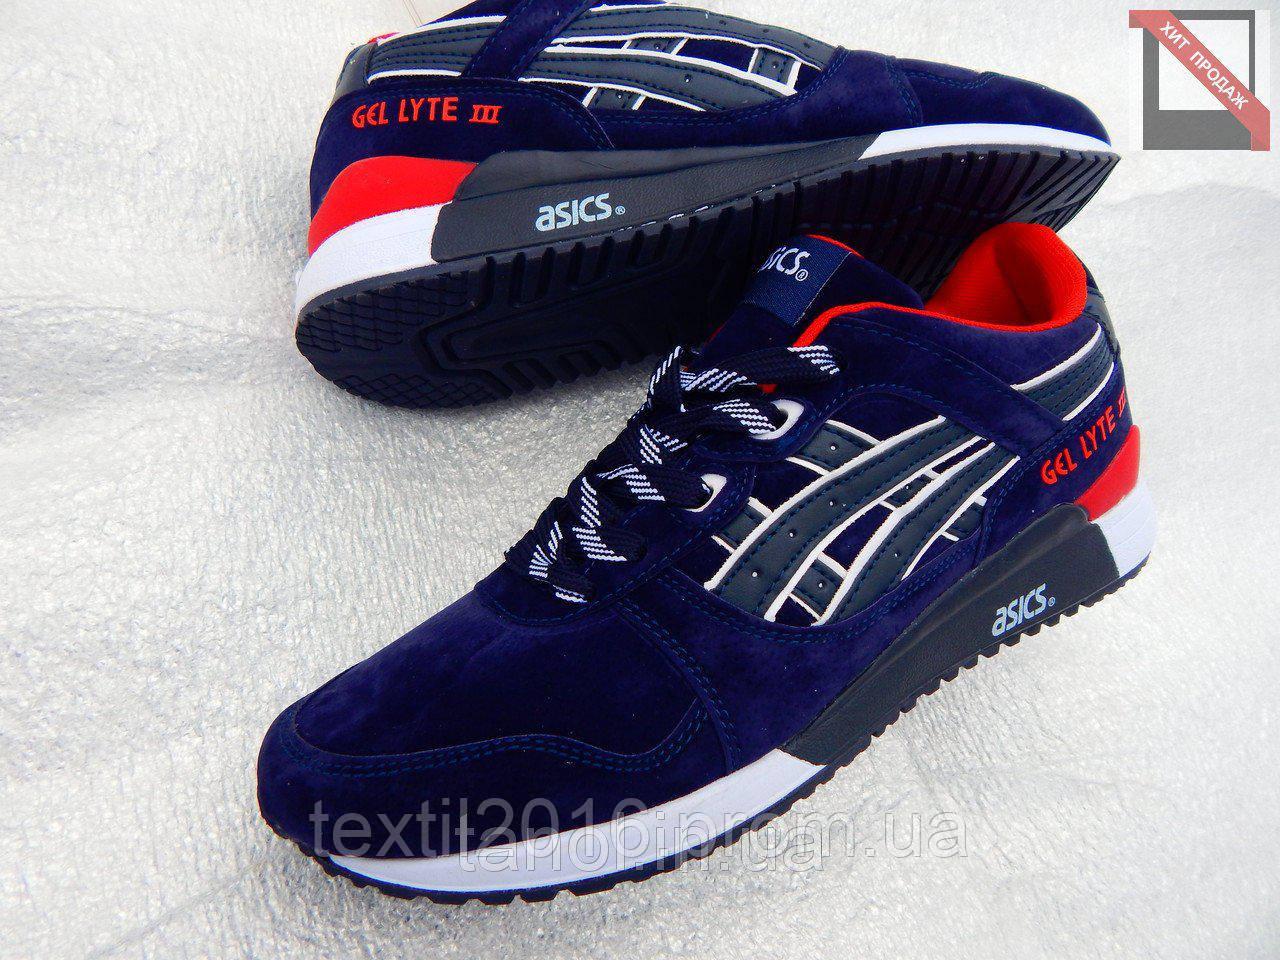 """Качественные модные  очень красивые мужские кроссовки """" Asics Gel Lyte 111 """"  реплика"""